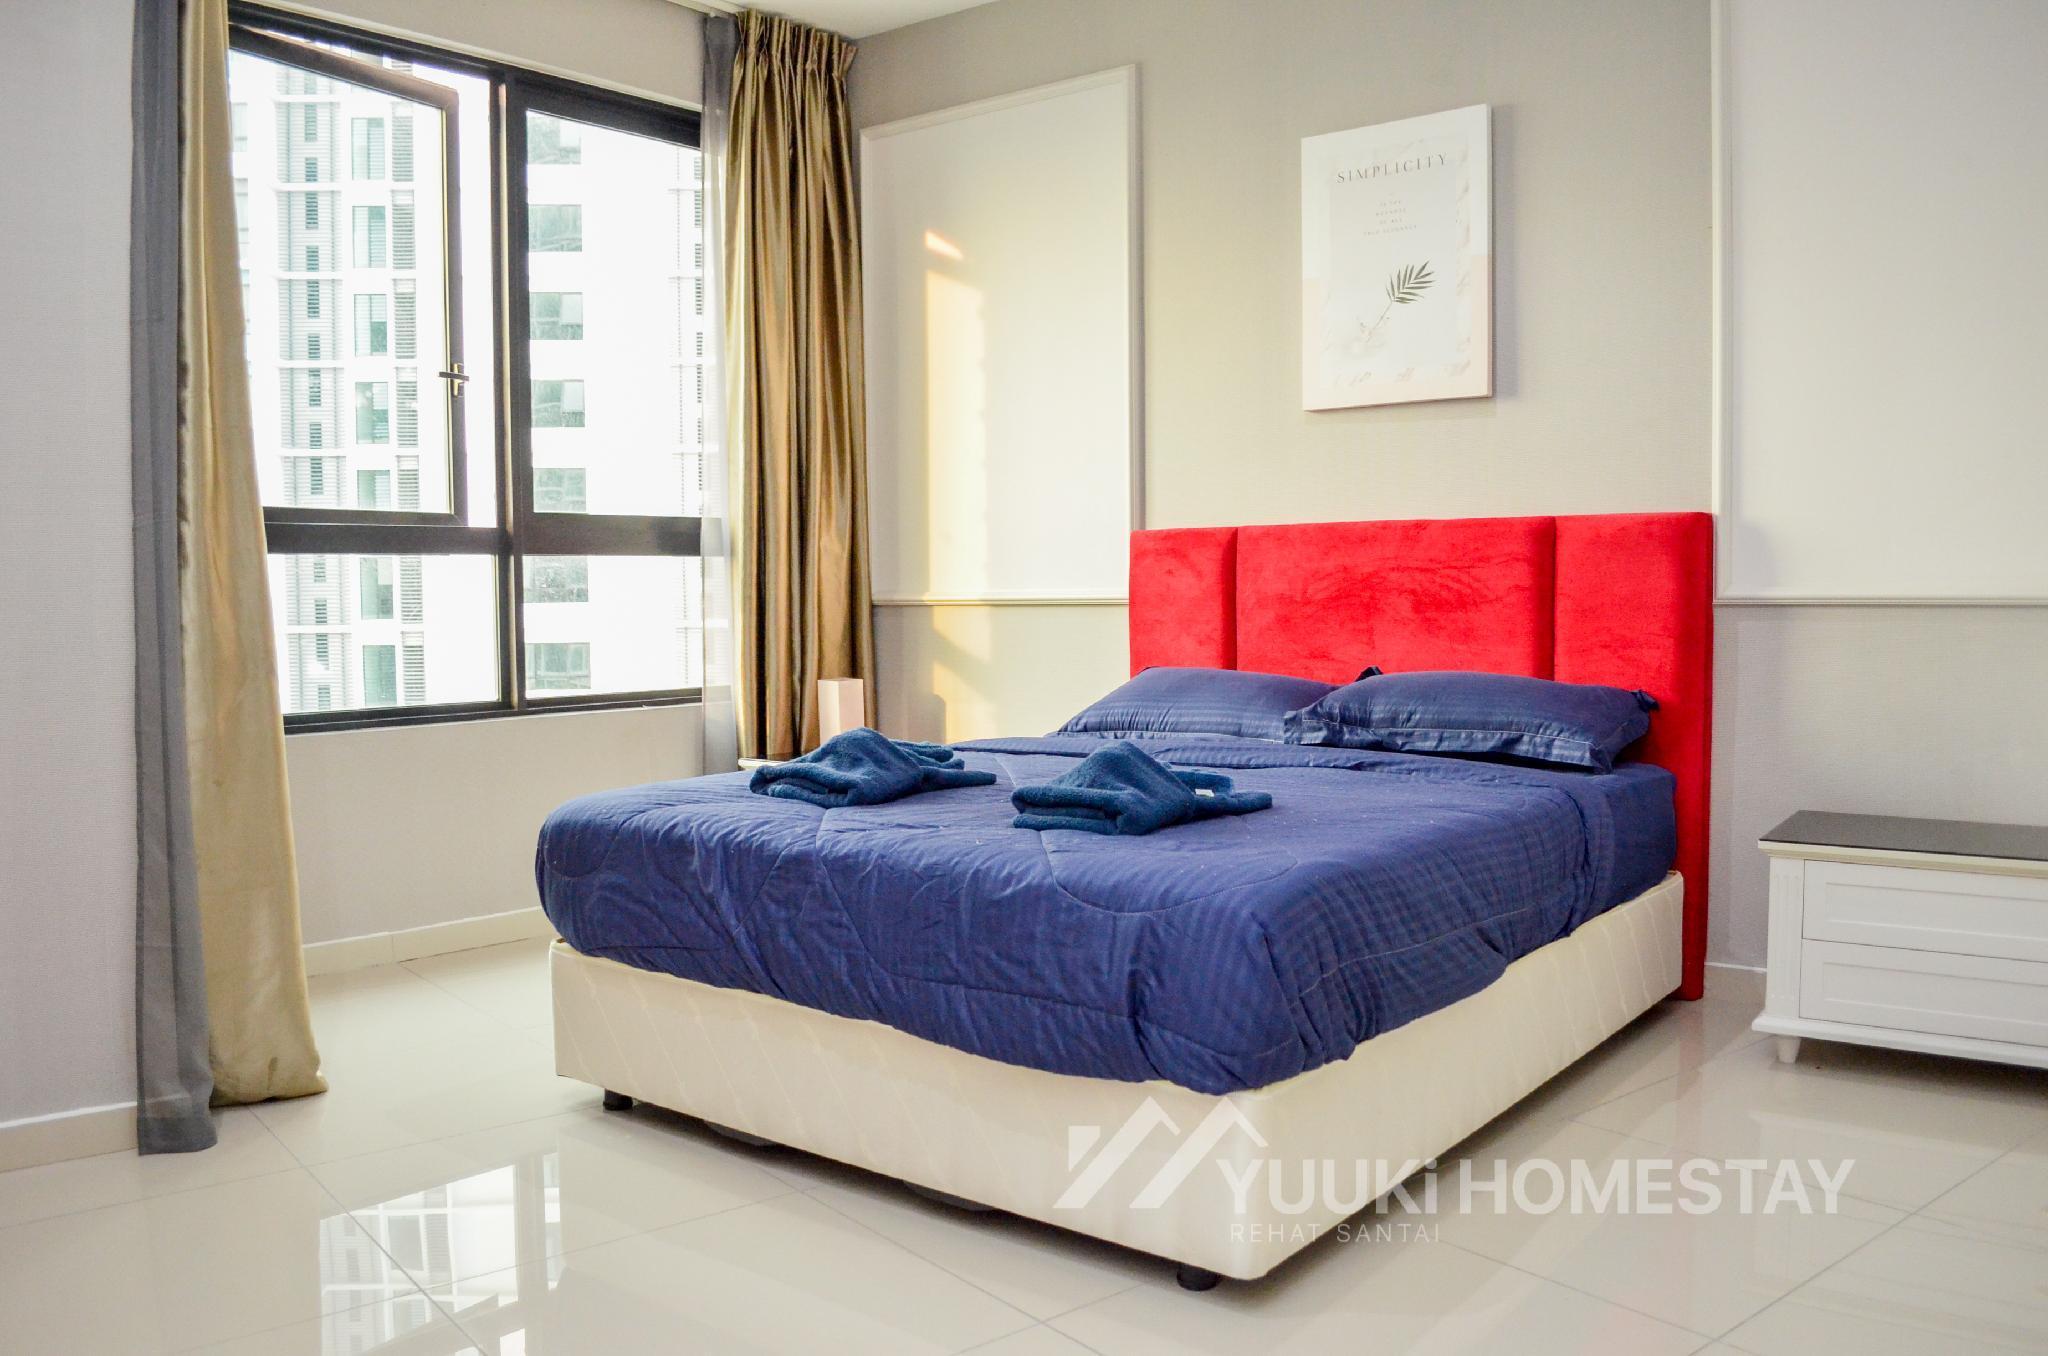 I City @ I Soho 1 BEDROOM @Yuuki Homestay (035U)